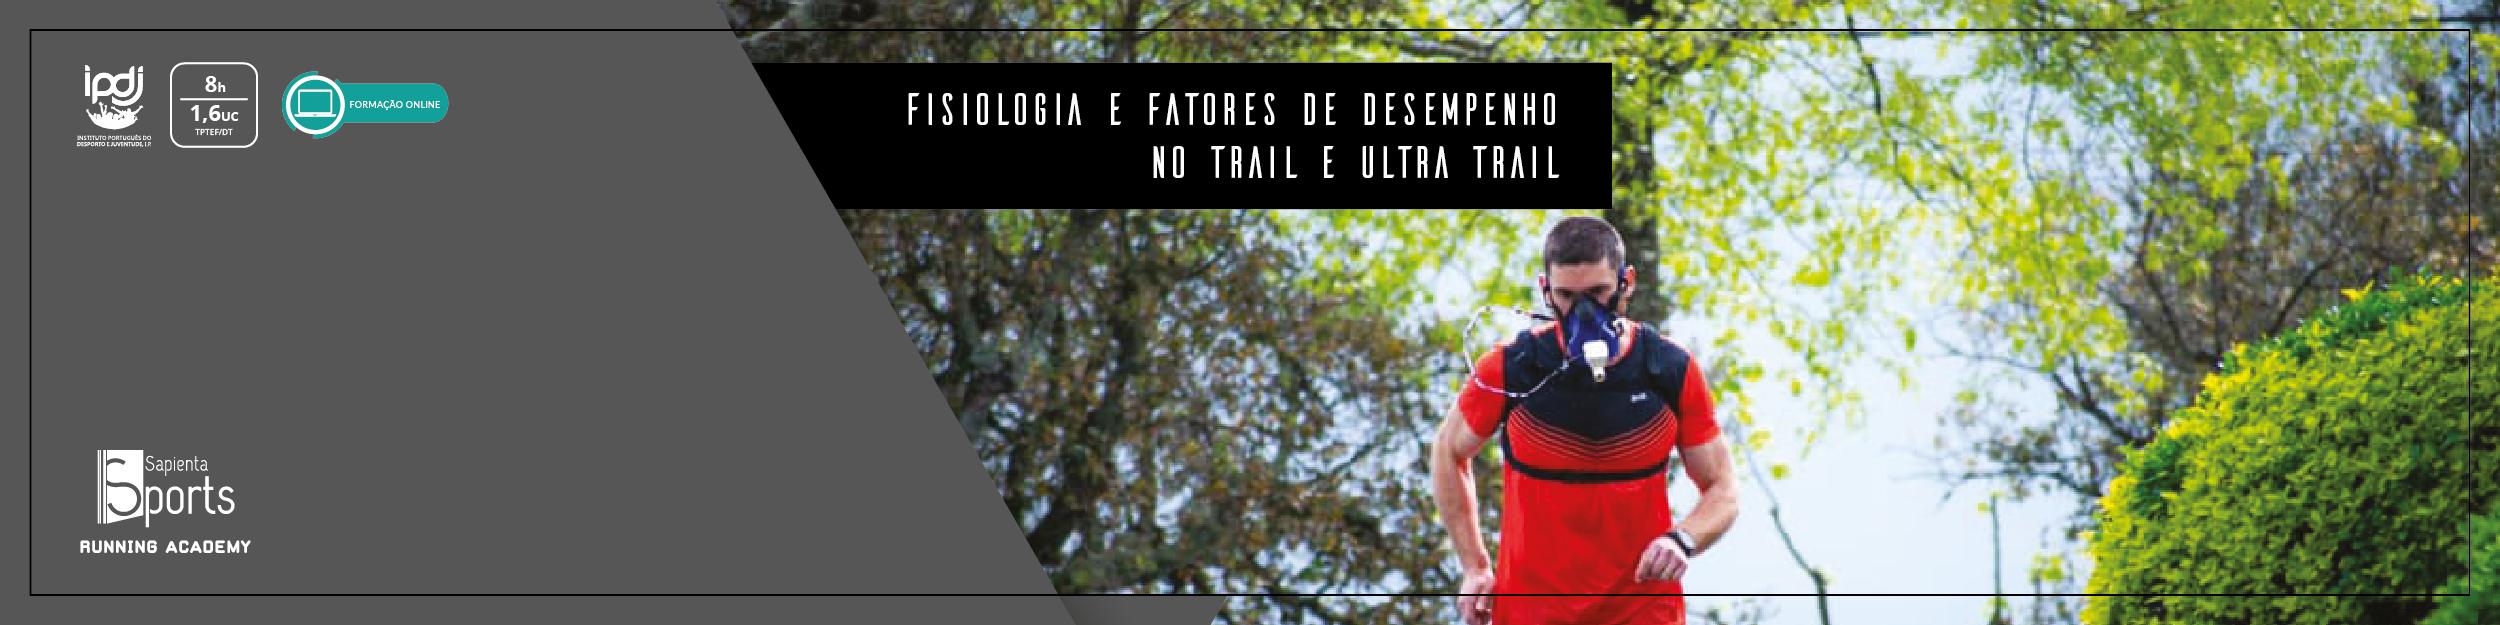 Fisiologia e Fatores de Desempenho no Trail e Ultra Trail